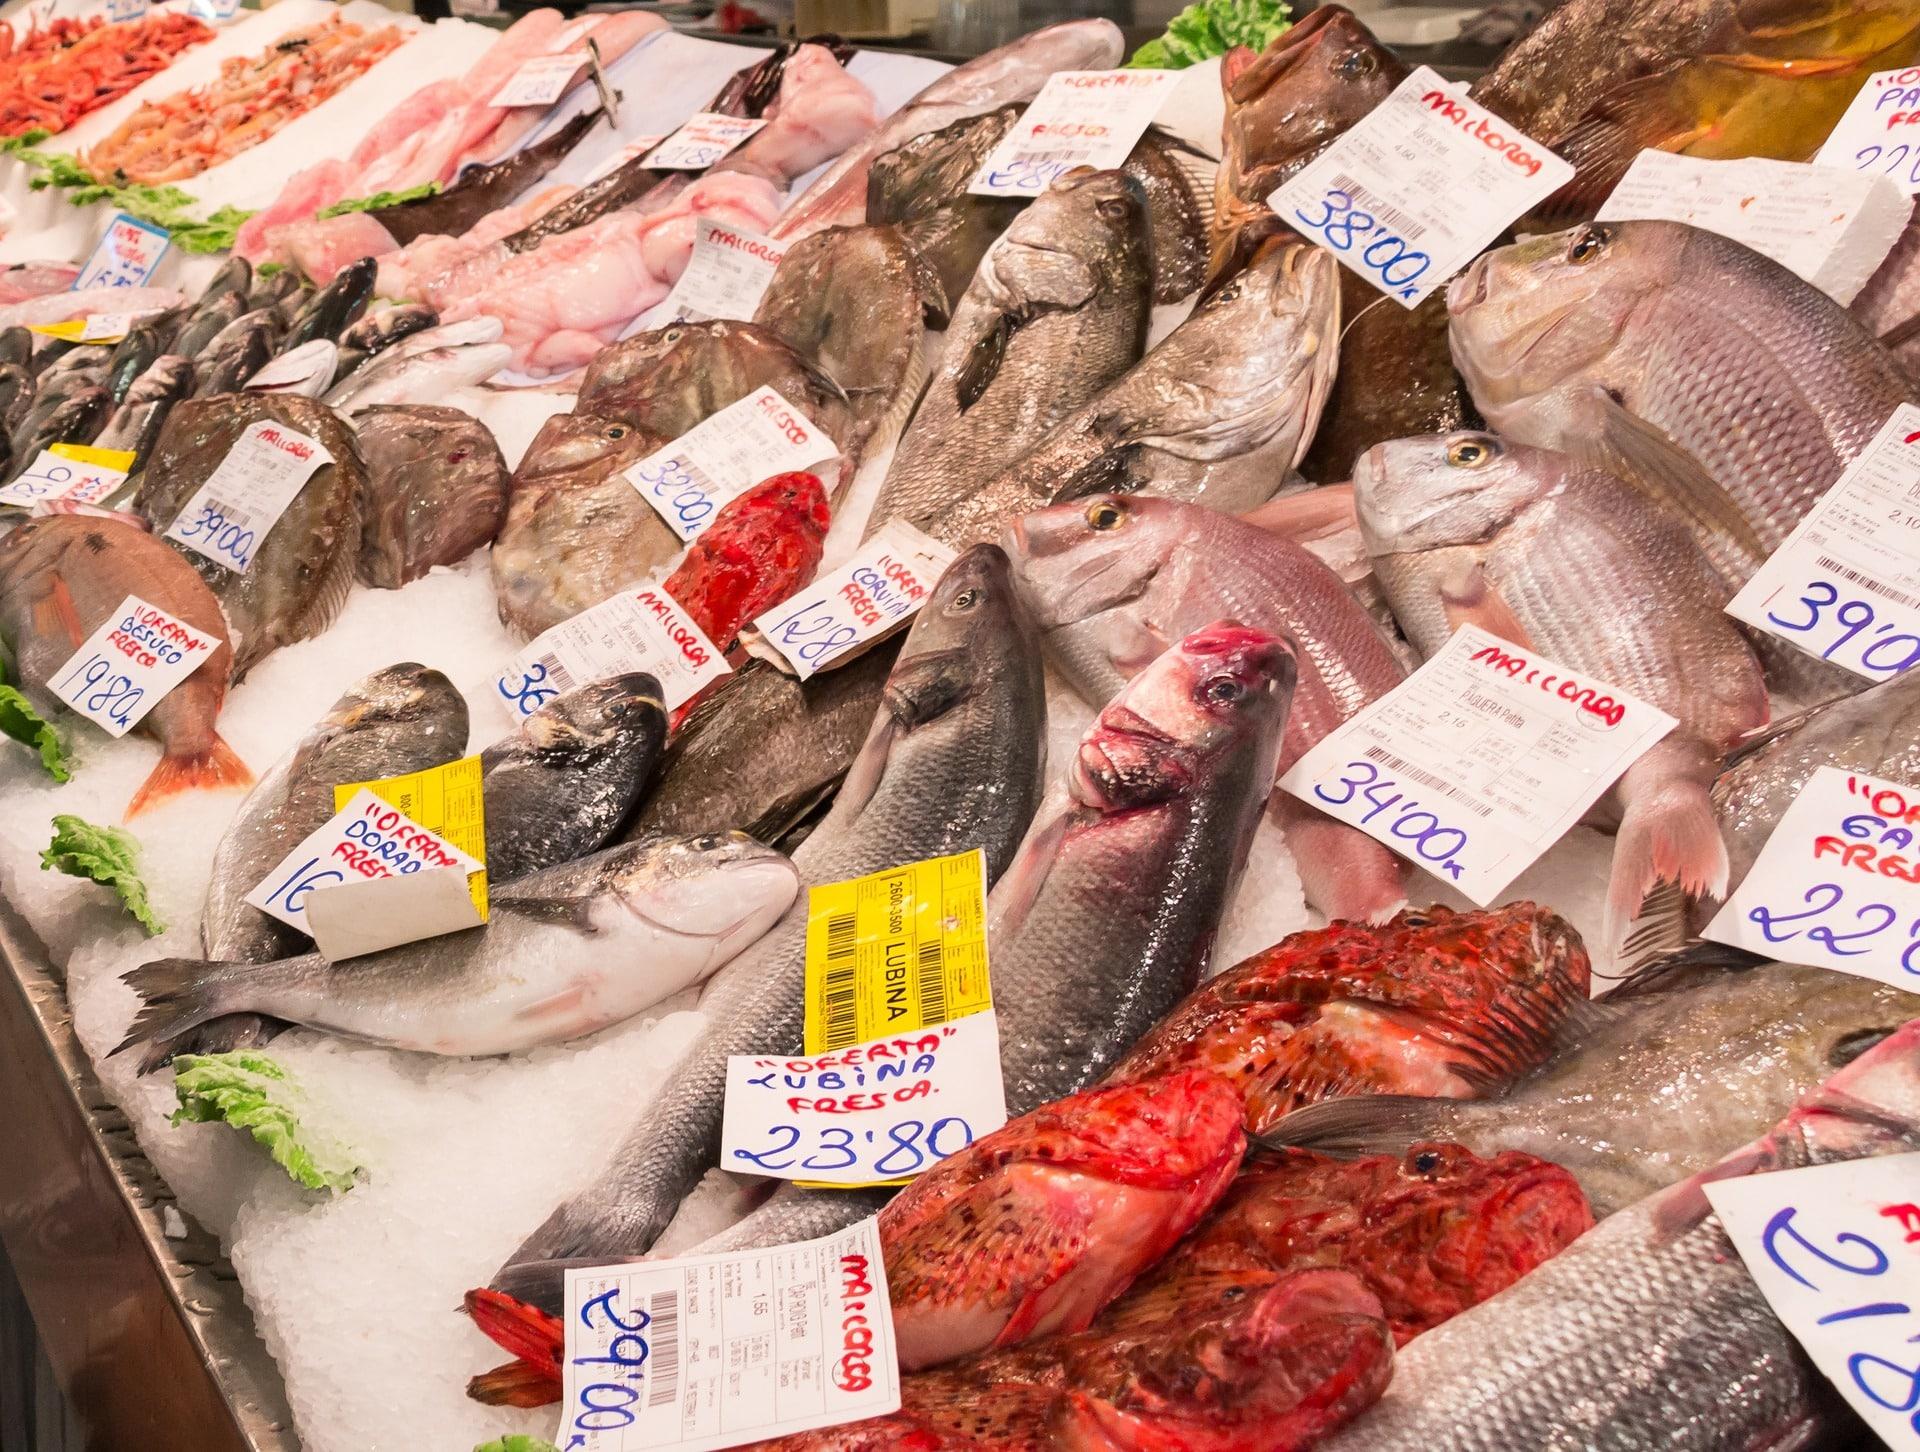 Pesci poveri: ricchezza del nostro paese